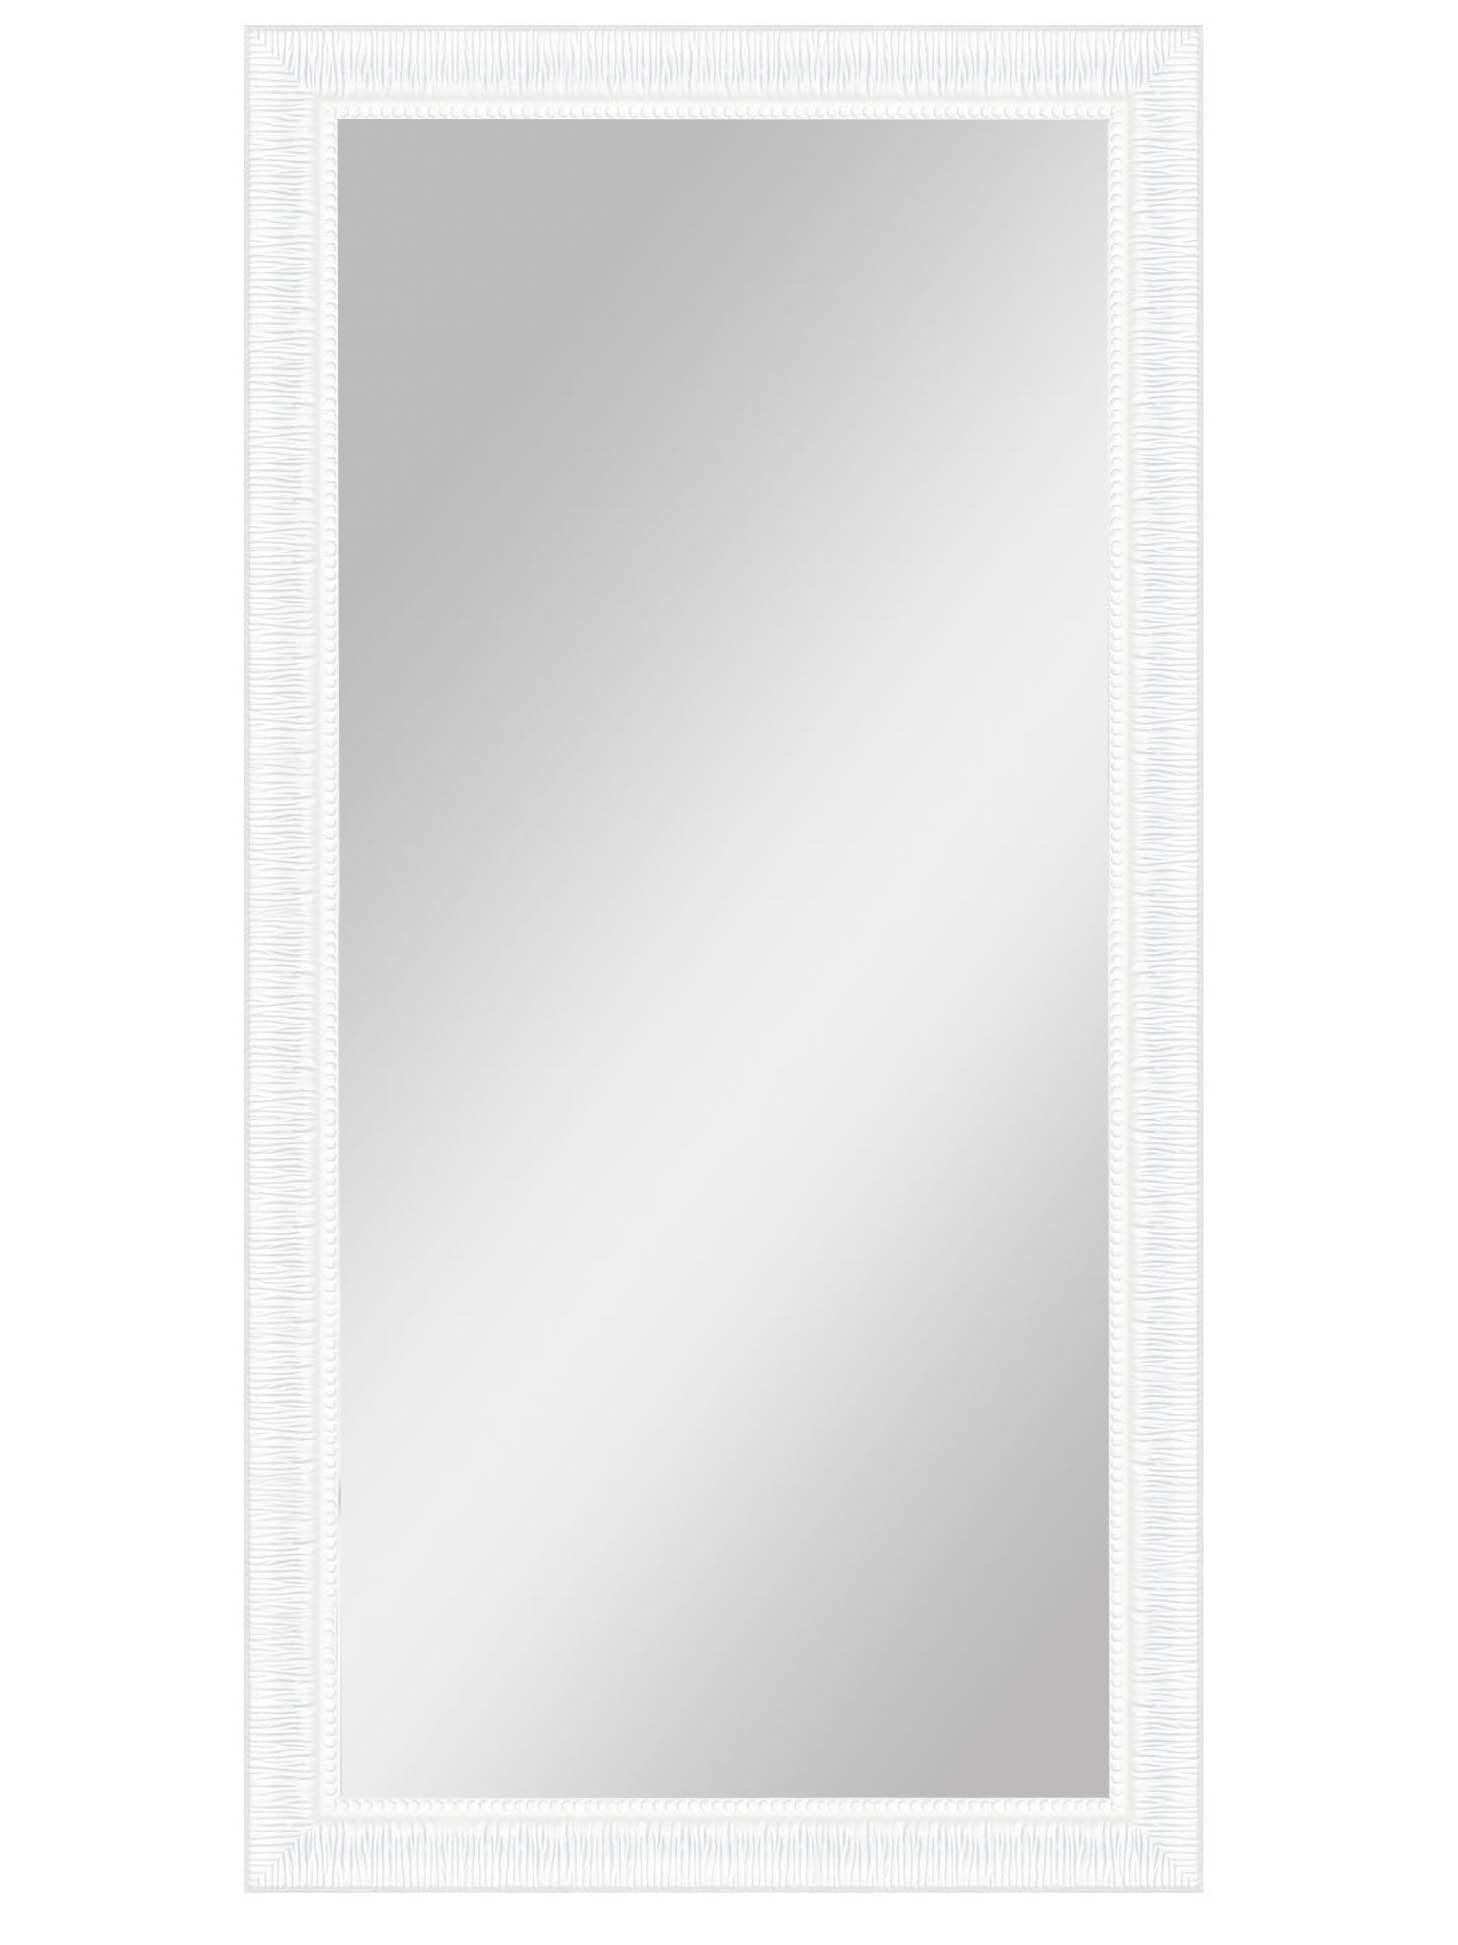 Купить Зеркало напольное Белая хлоя , inmyroom, Россия